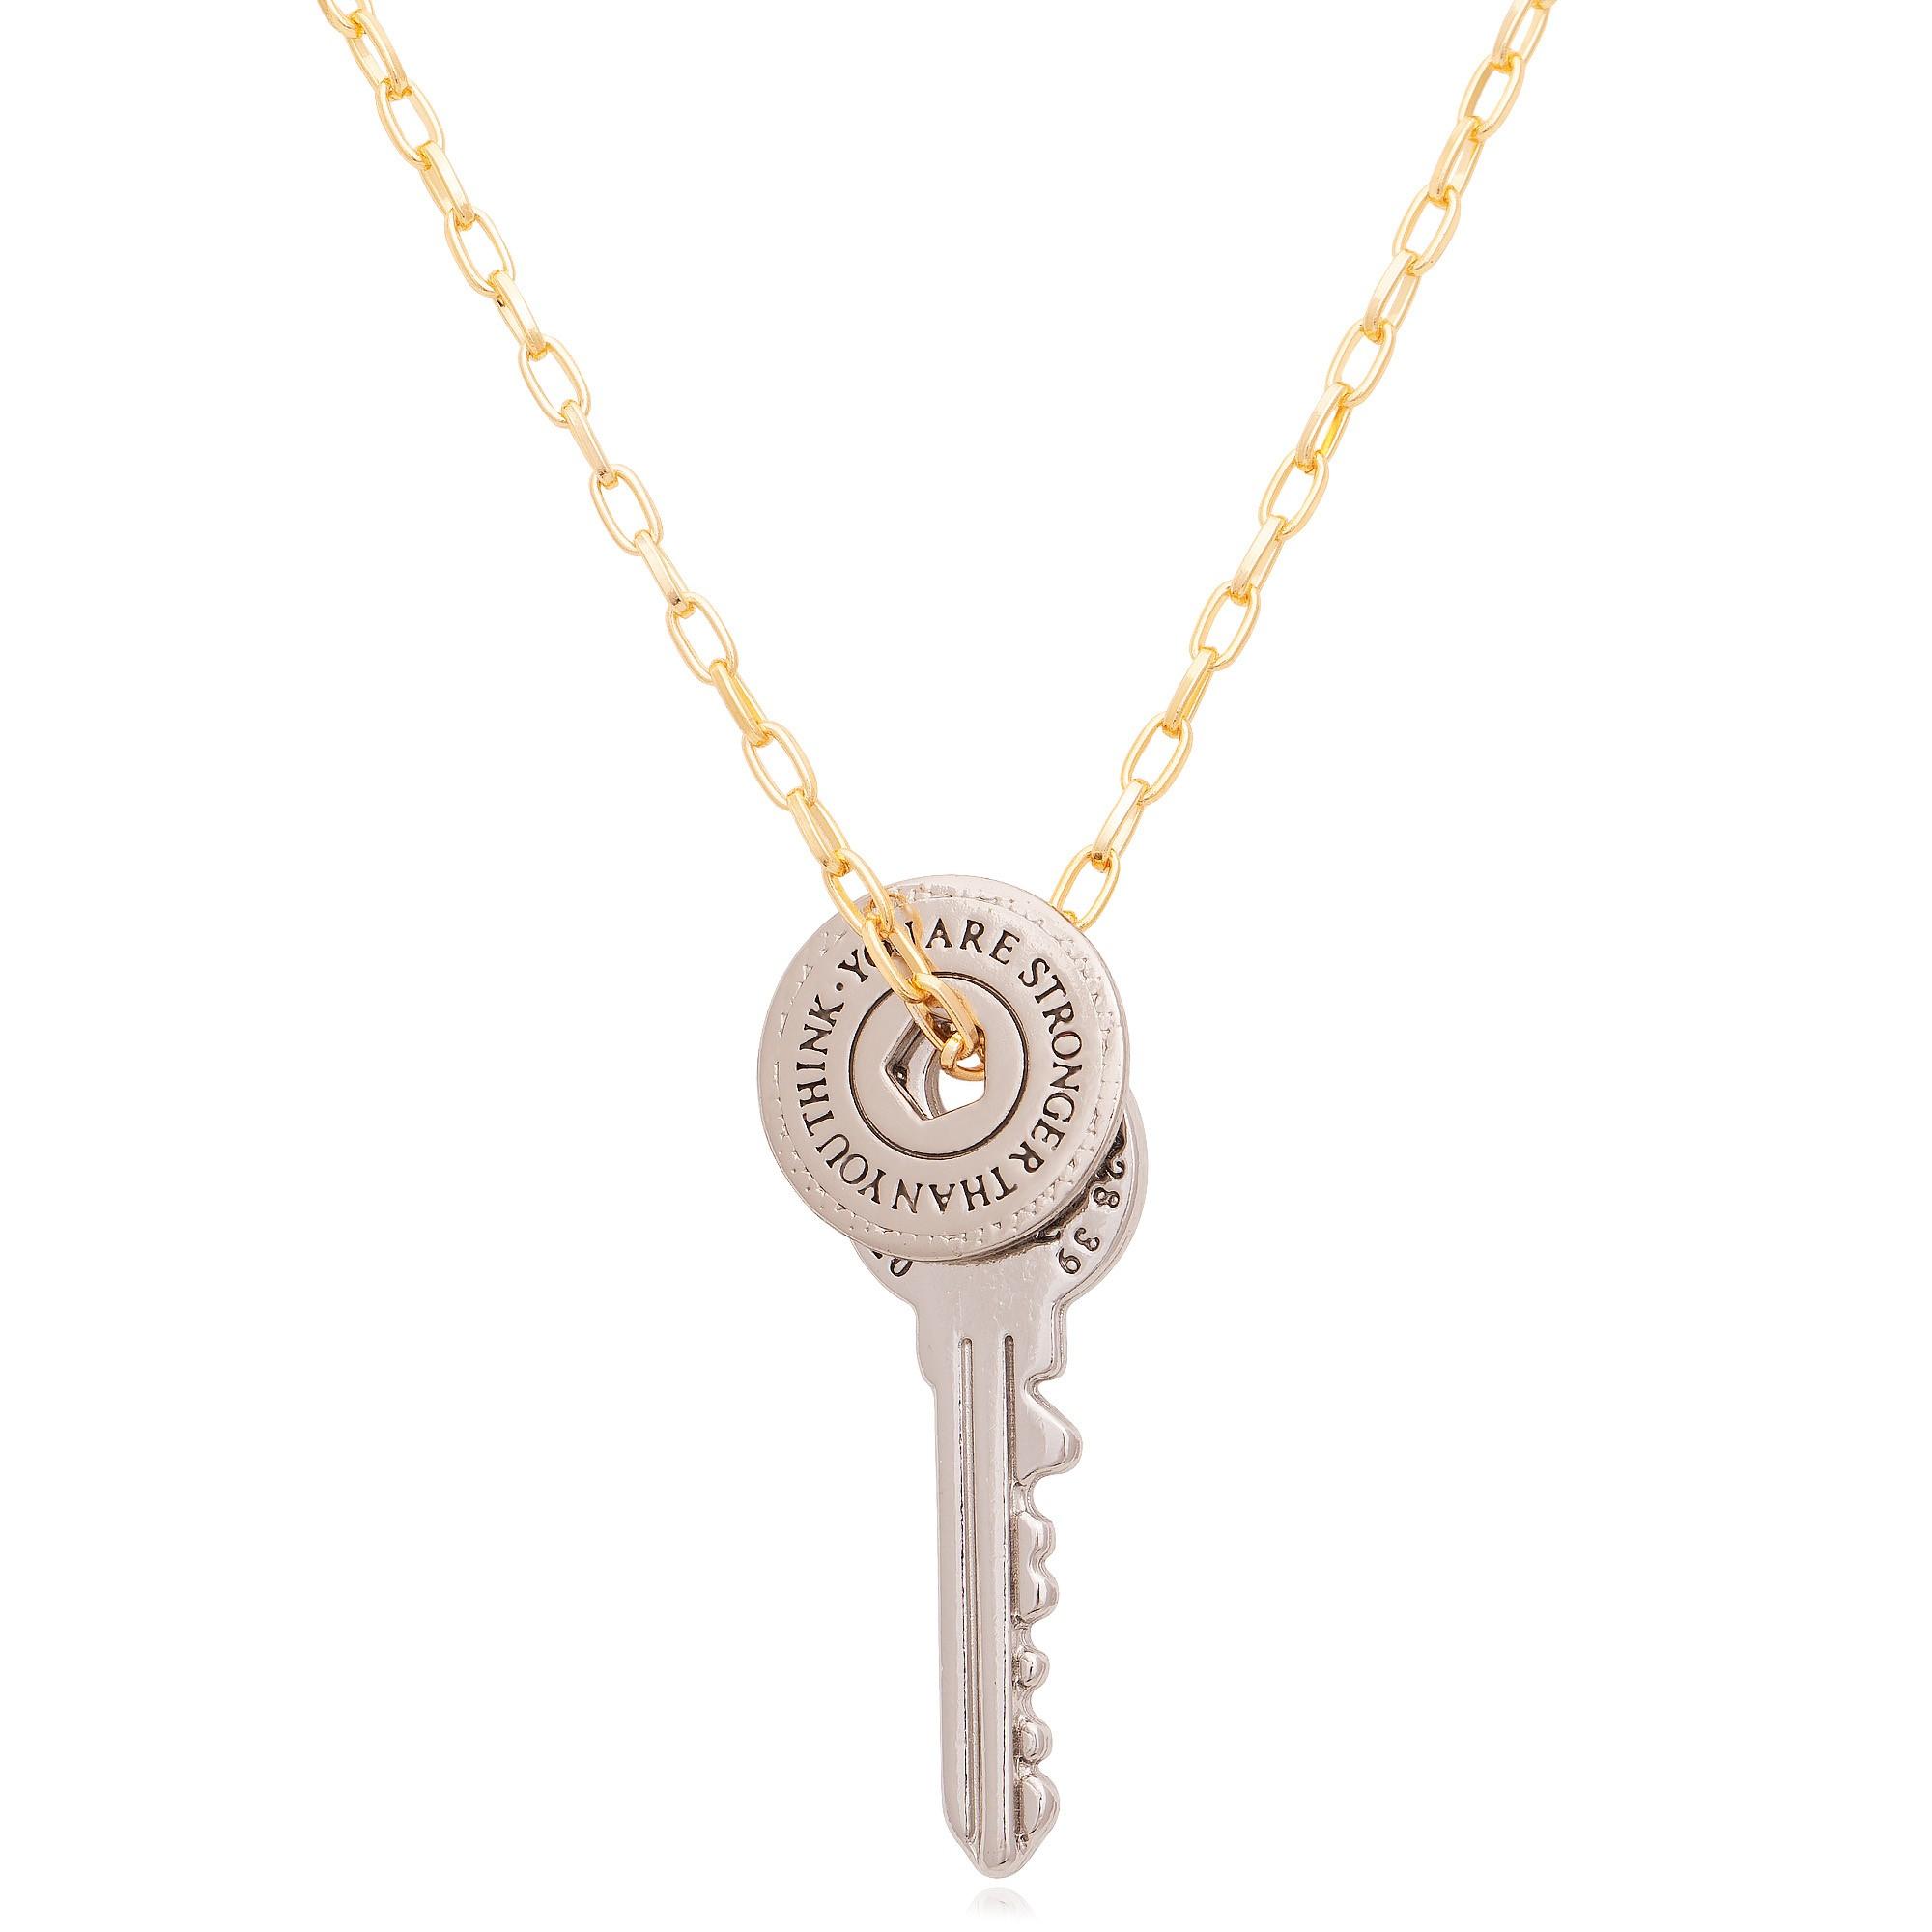 Colar com pingente chave banhado a ouro 18K  - bfdecor.com.br